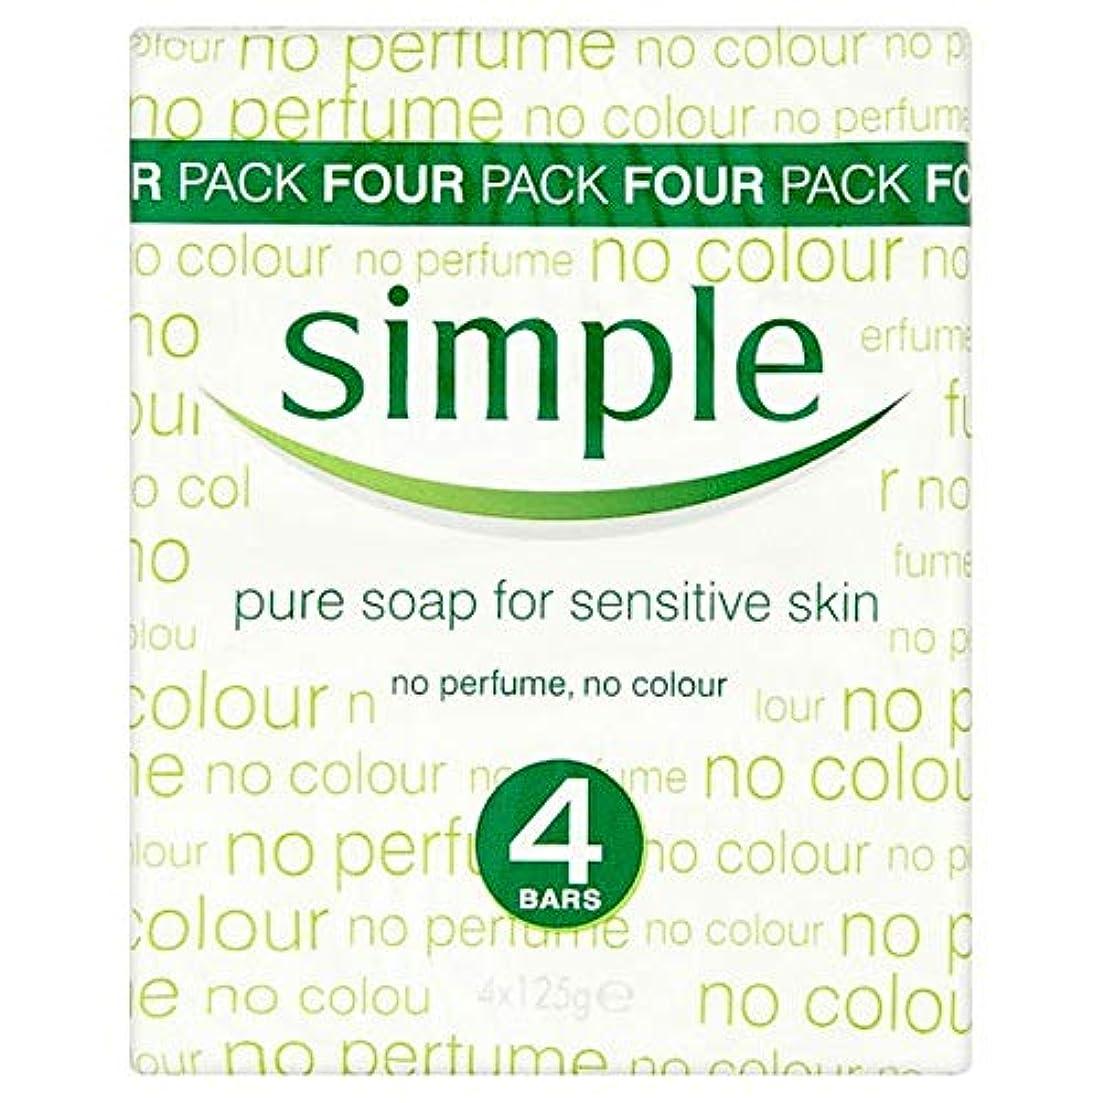 悪化する自分の力ですべてをするすり[Simple ] シンプルな純粋な固形石鹸4×125グラム - Simple Pure Bar Soap 4 X 125g [並行輸入品]